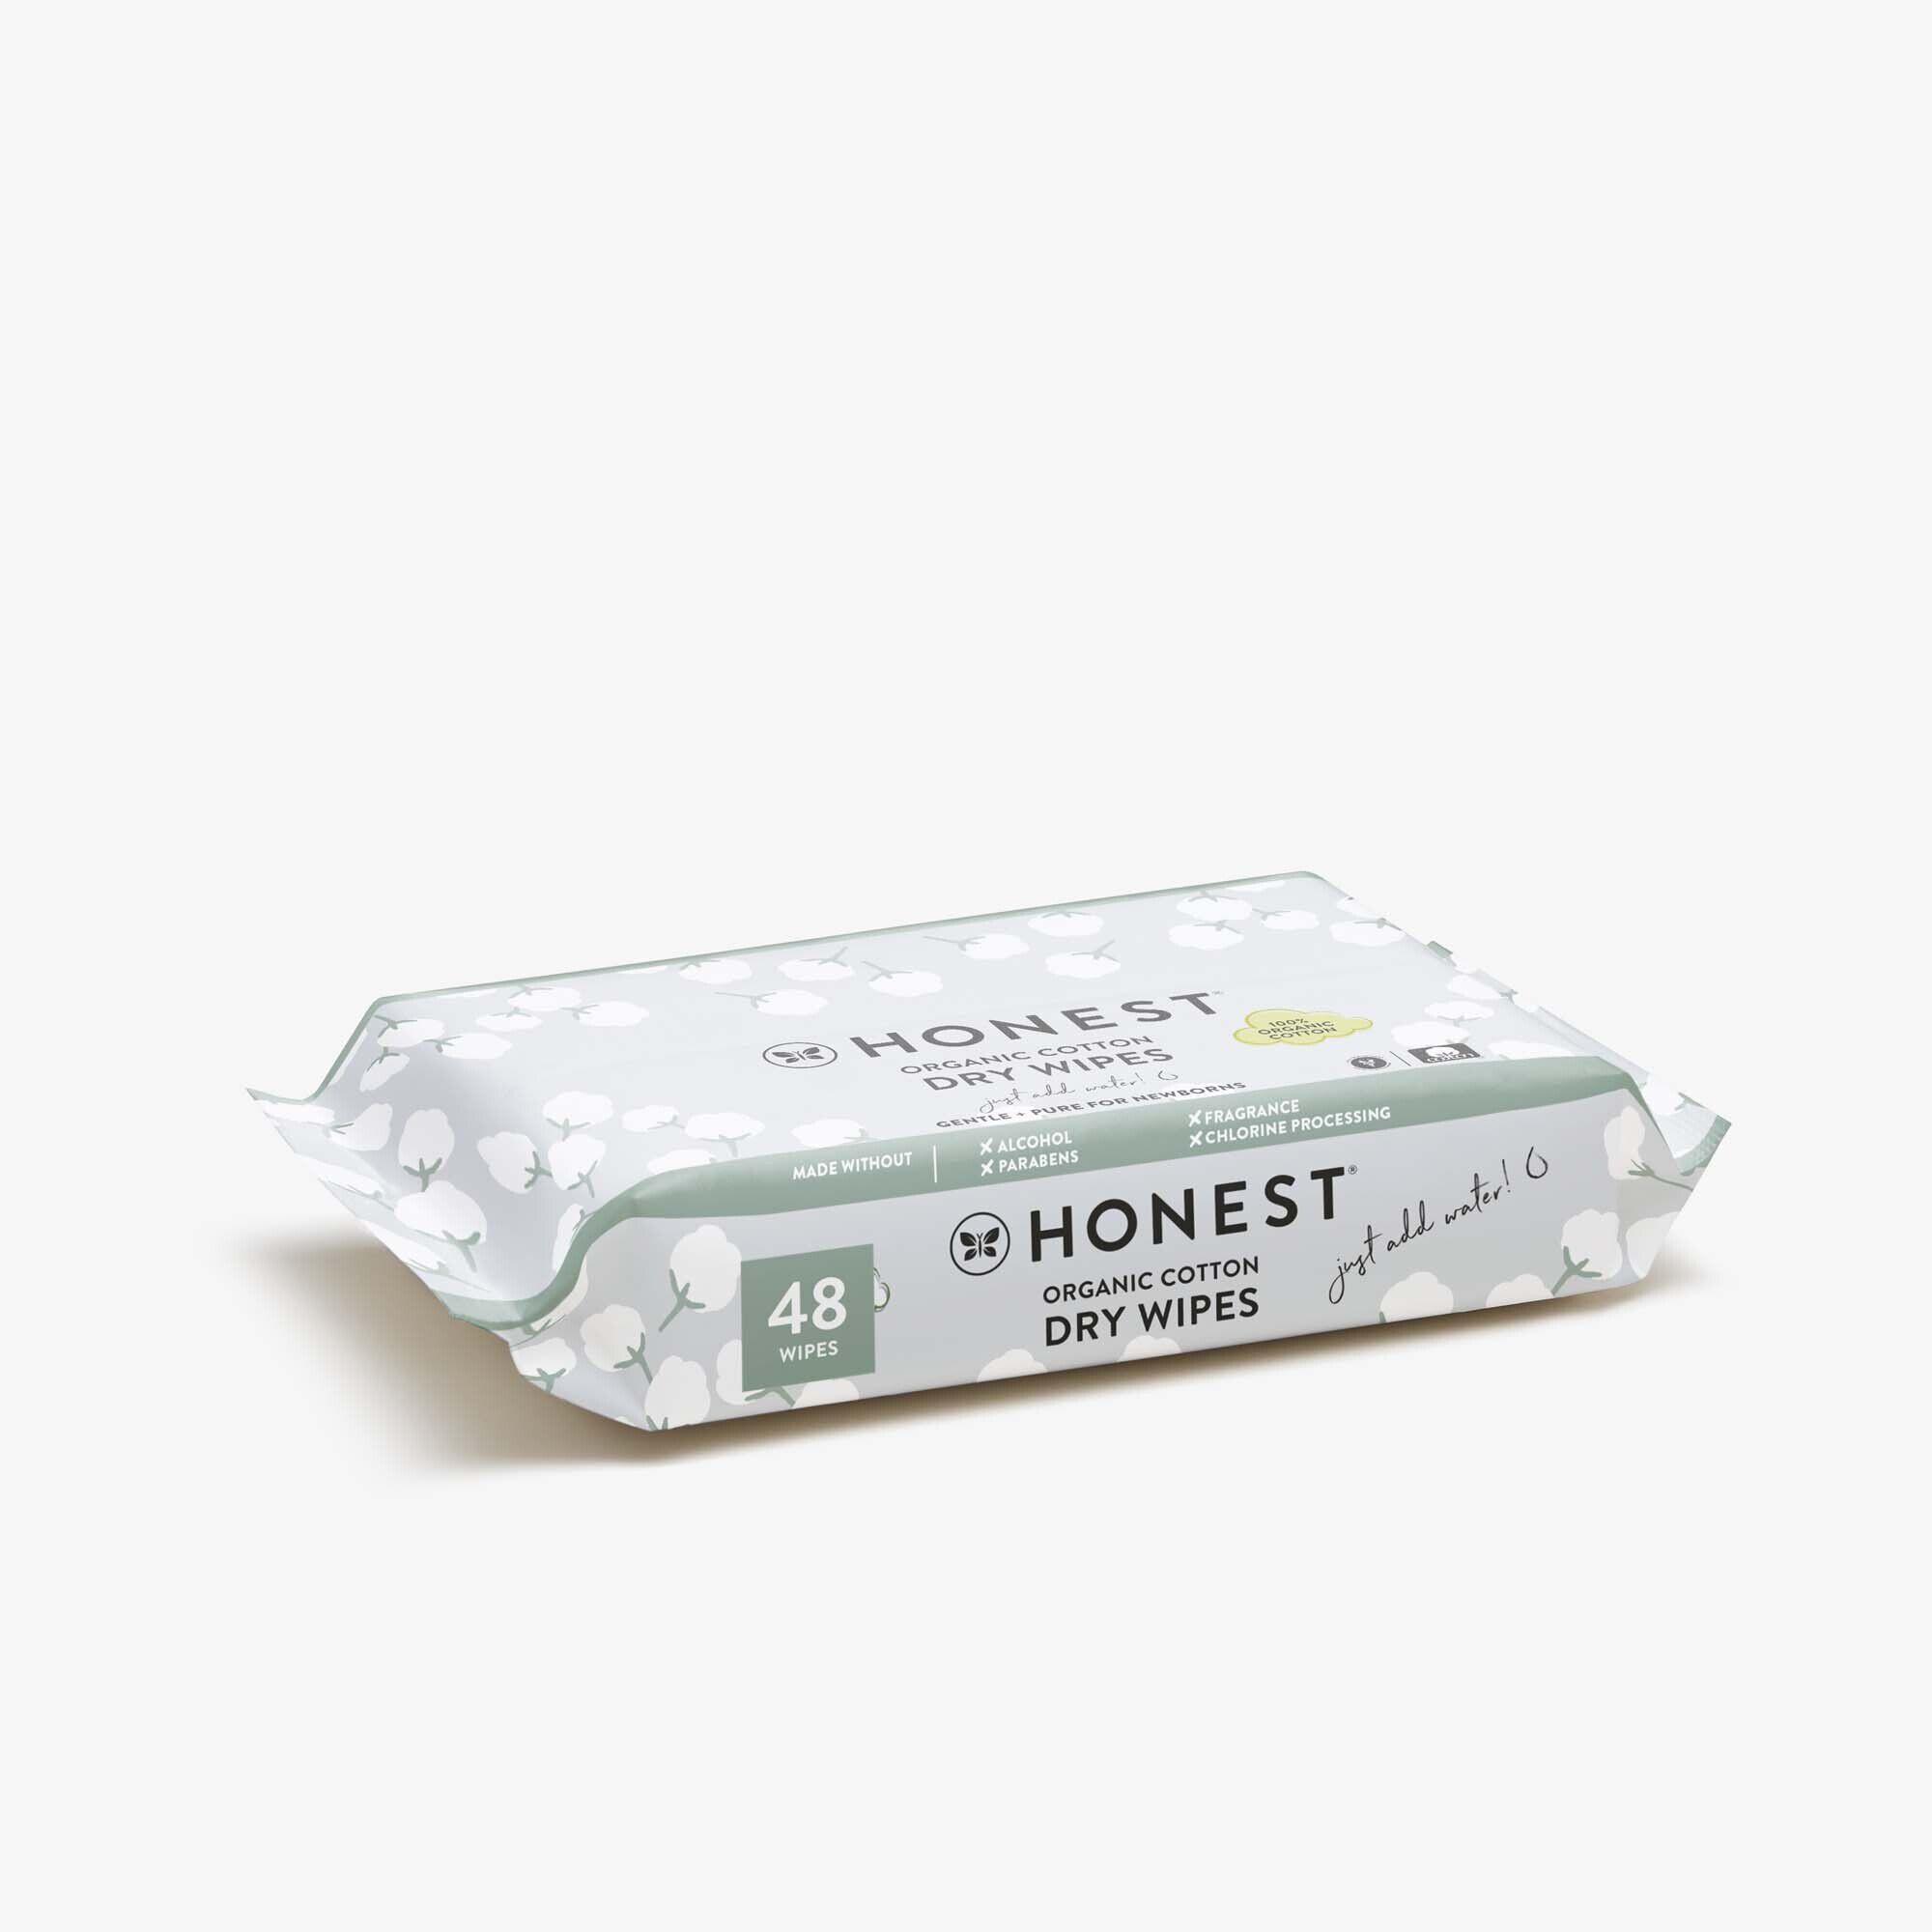 Honest Dry Wipes